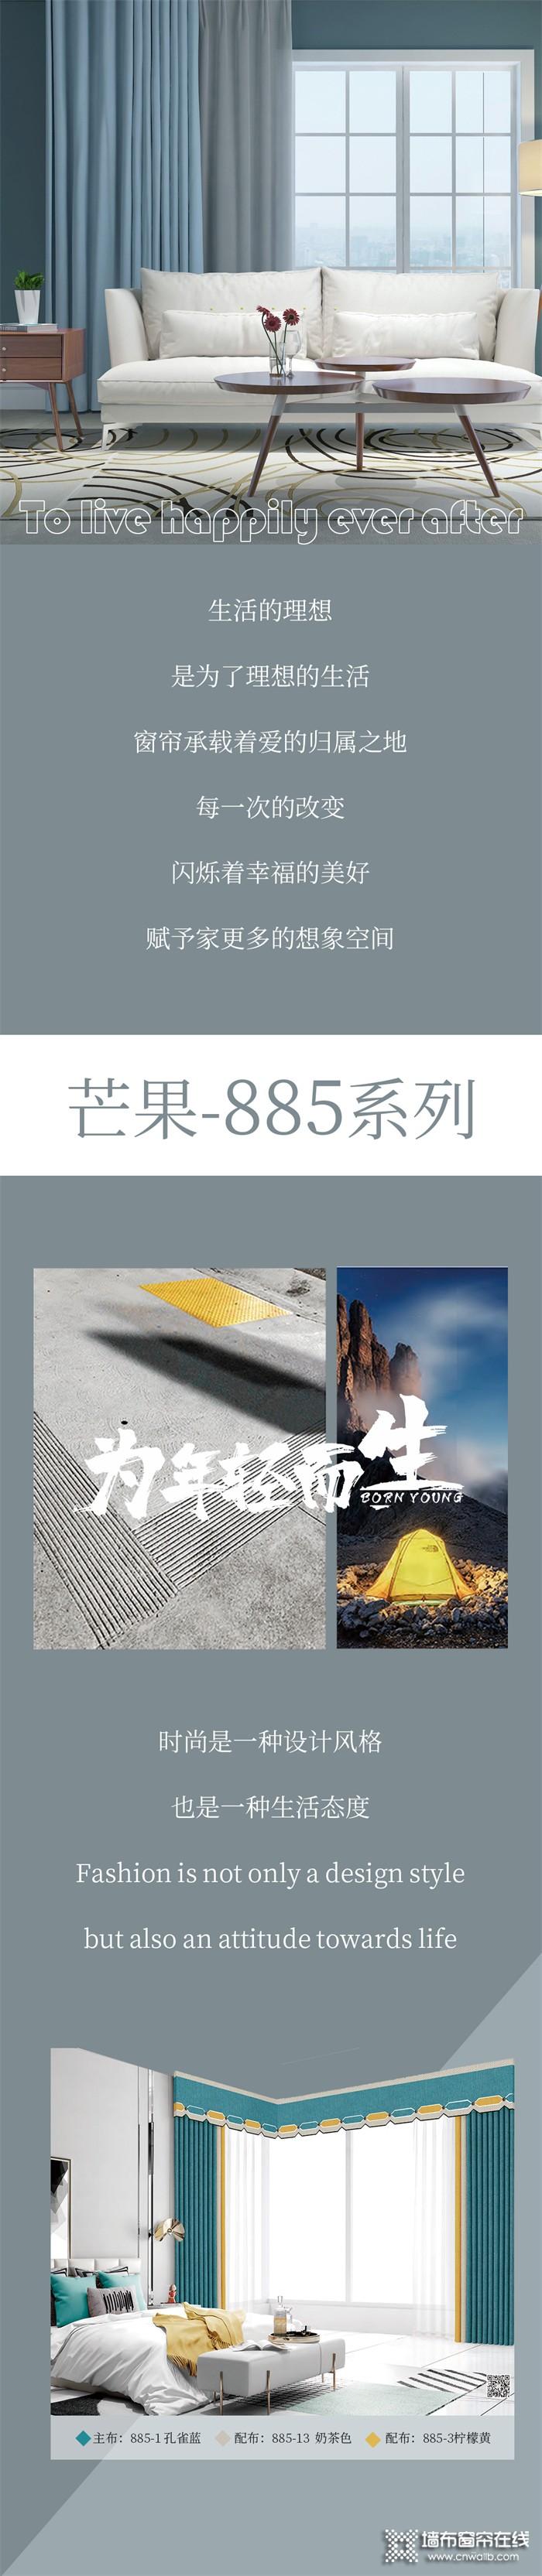 绣江南艺术墙布旗下水果派对智能互动窗帘 跨越光谱 找寻最适合你的窗帘-芒果885系列